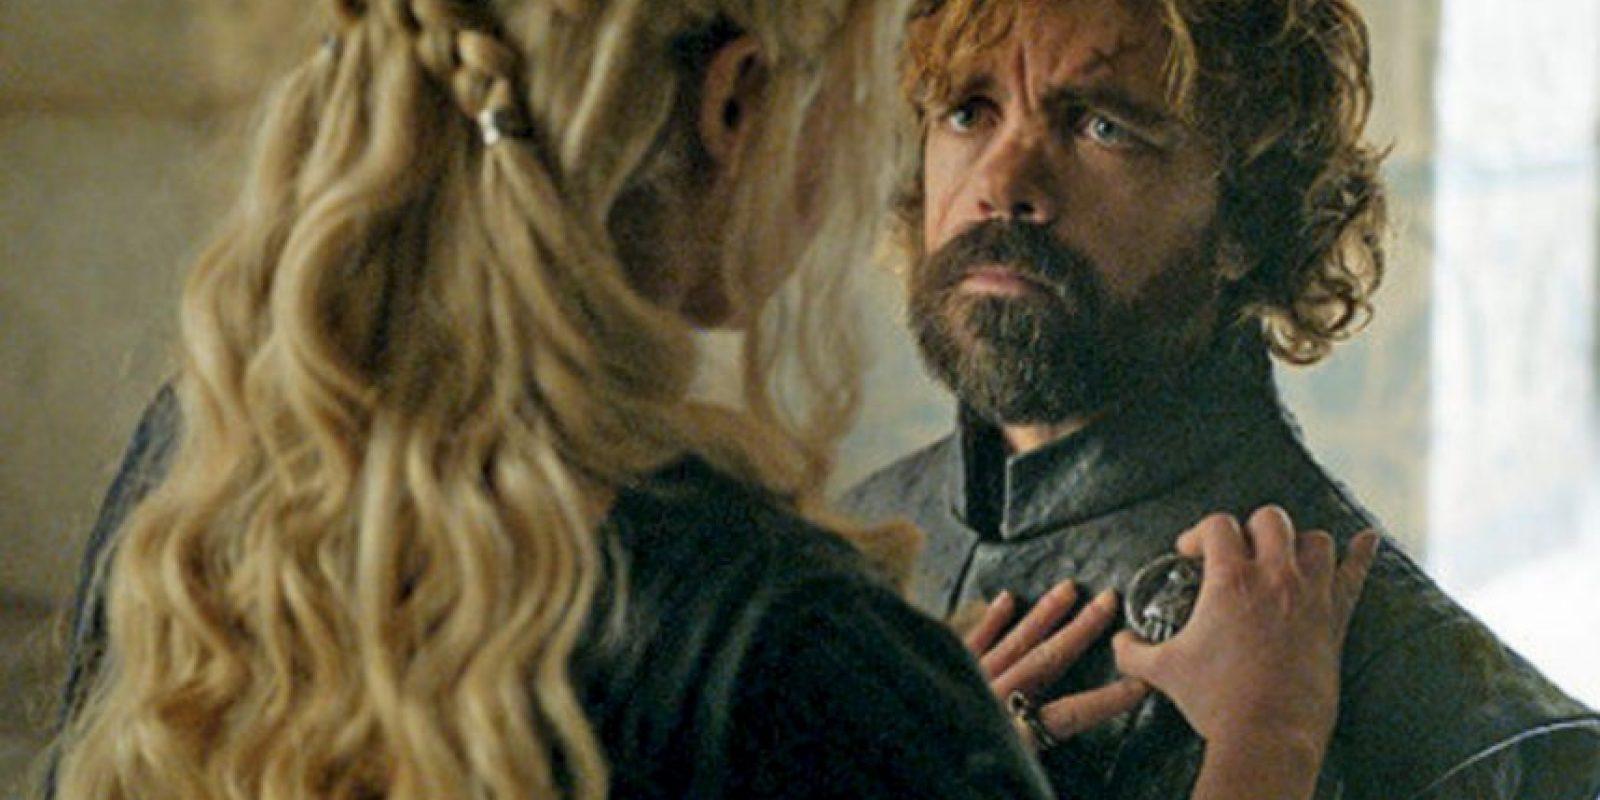 La alianza Targaryen/ Dorne/Altojardín estaba cantada. Foto:HBO. Imagen Por: